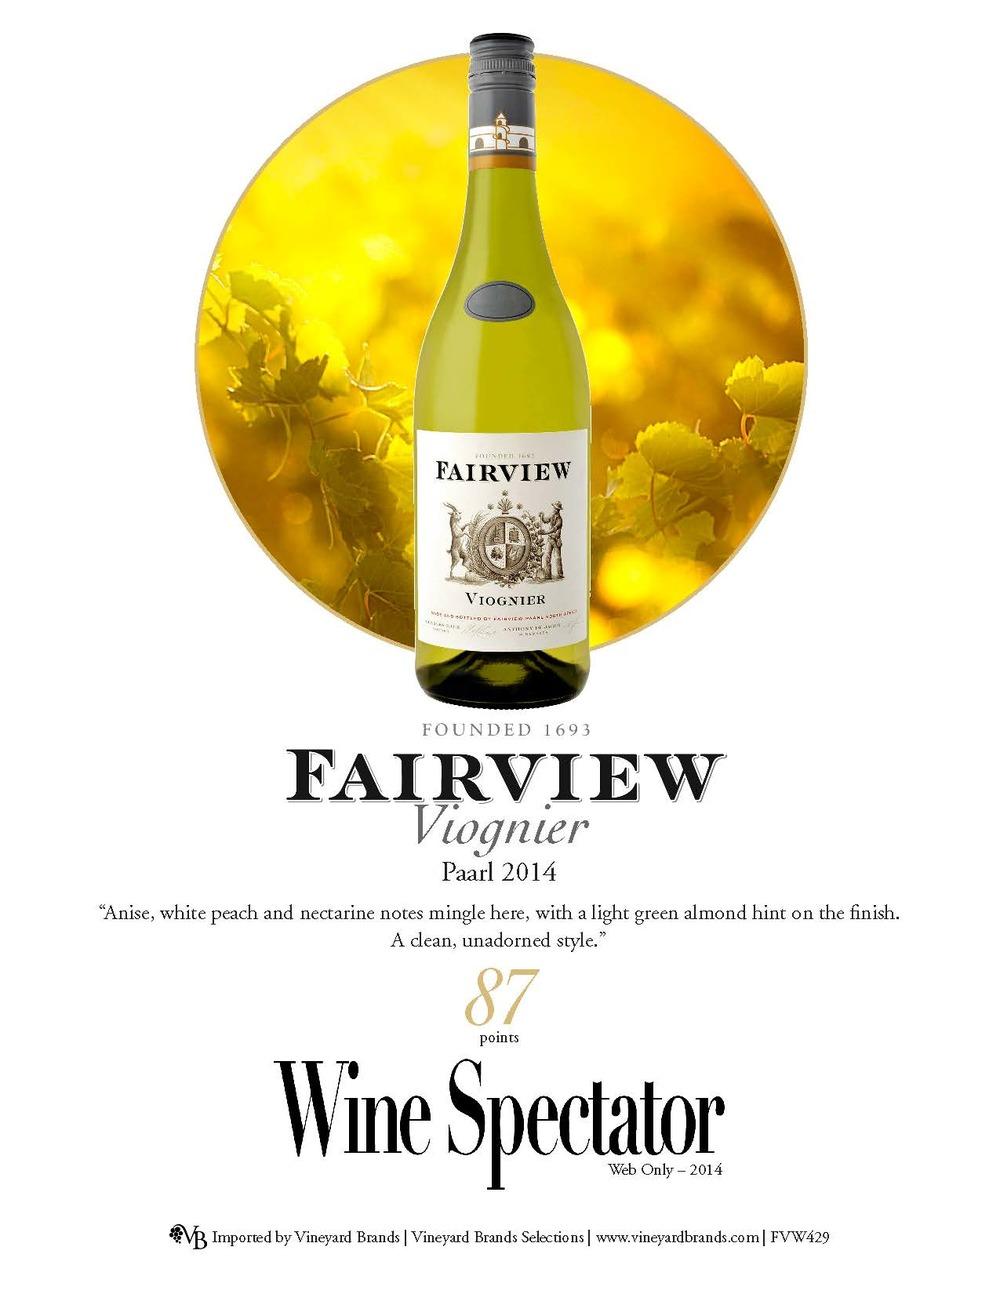 Fairview Viognier 2014